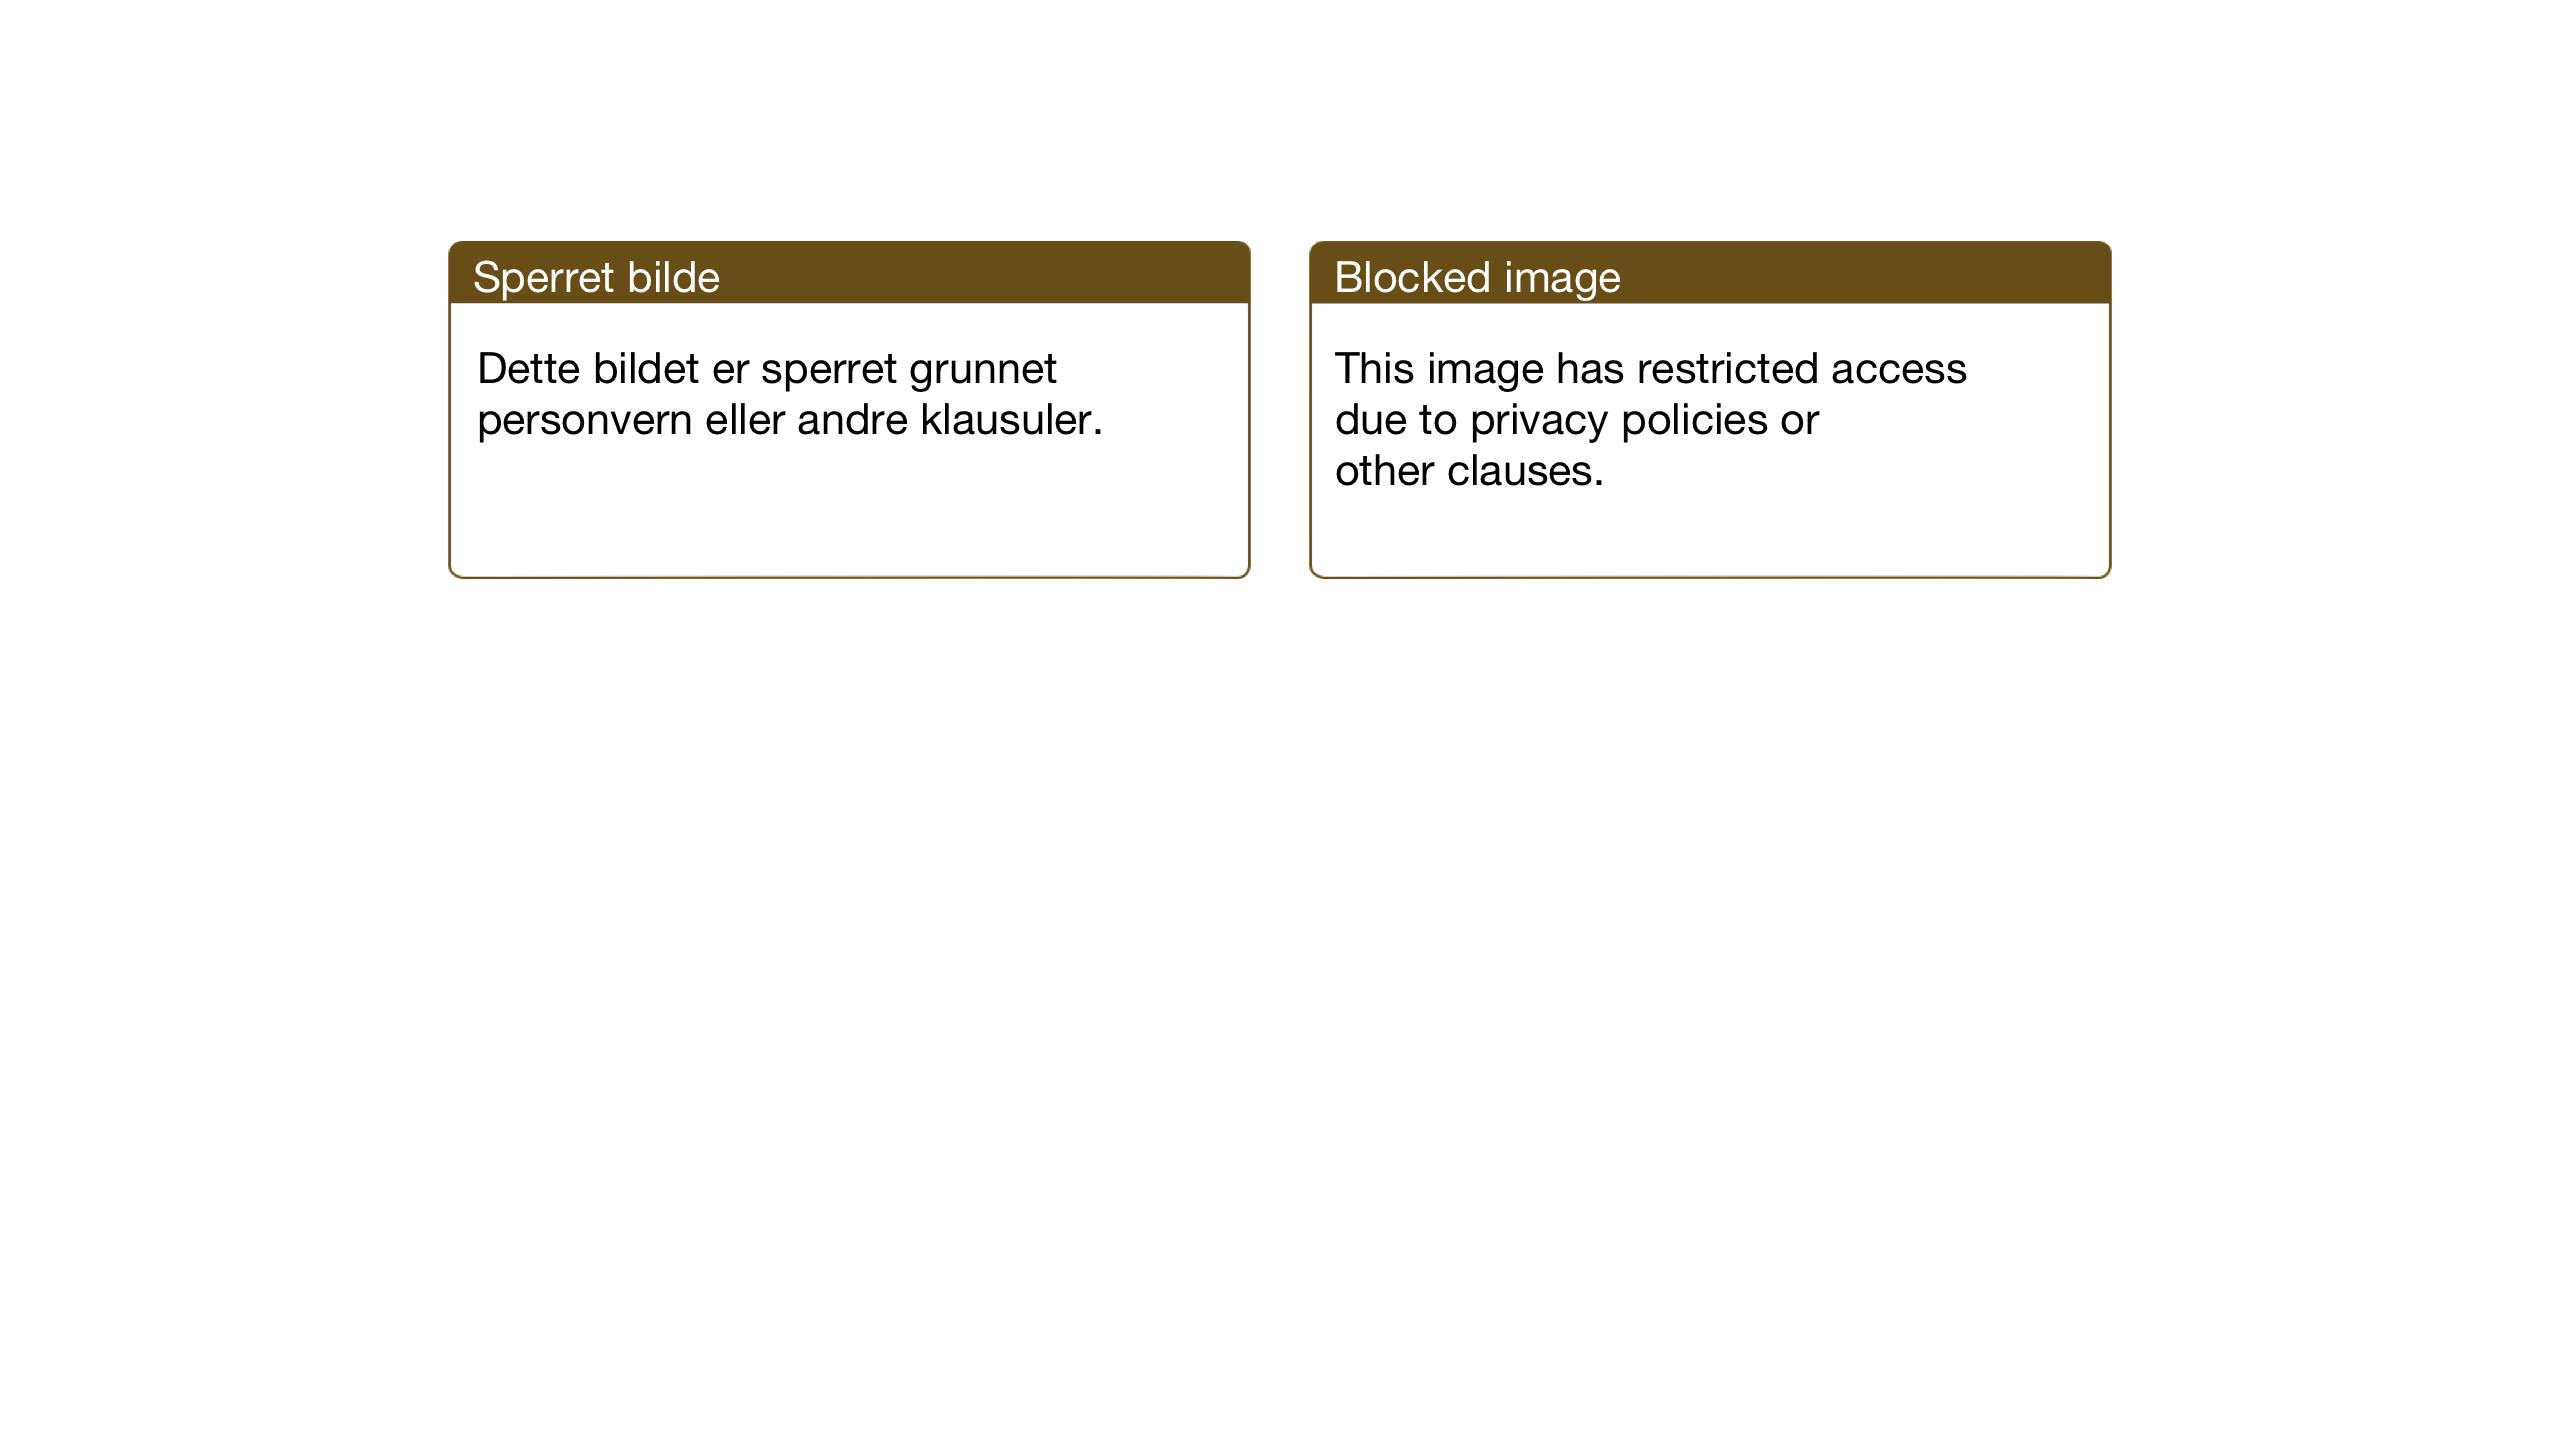 SAT, Ministerialprotokoller, klokkerbøker og fødselsregistre - Nord-Trøndelag, 701/L0019: Klokkerbok nr. 701C03, 1930-1953, s. 4